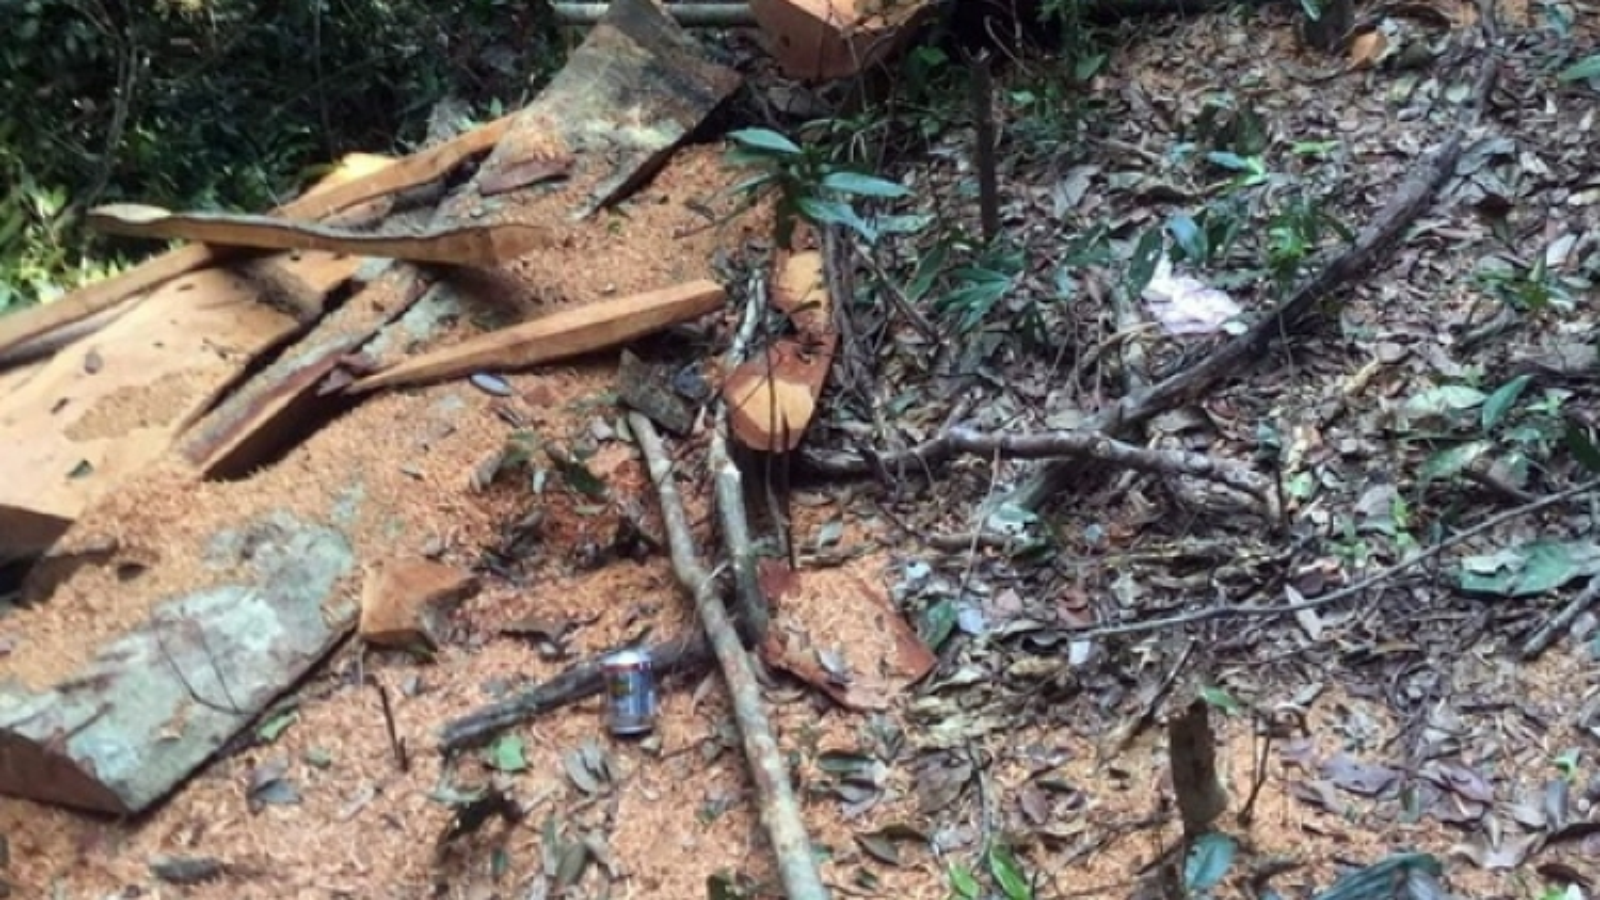 Lâm tặc liên tục chặt phá rừng lim tại Lâm trường Trường Sơn